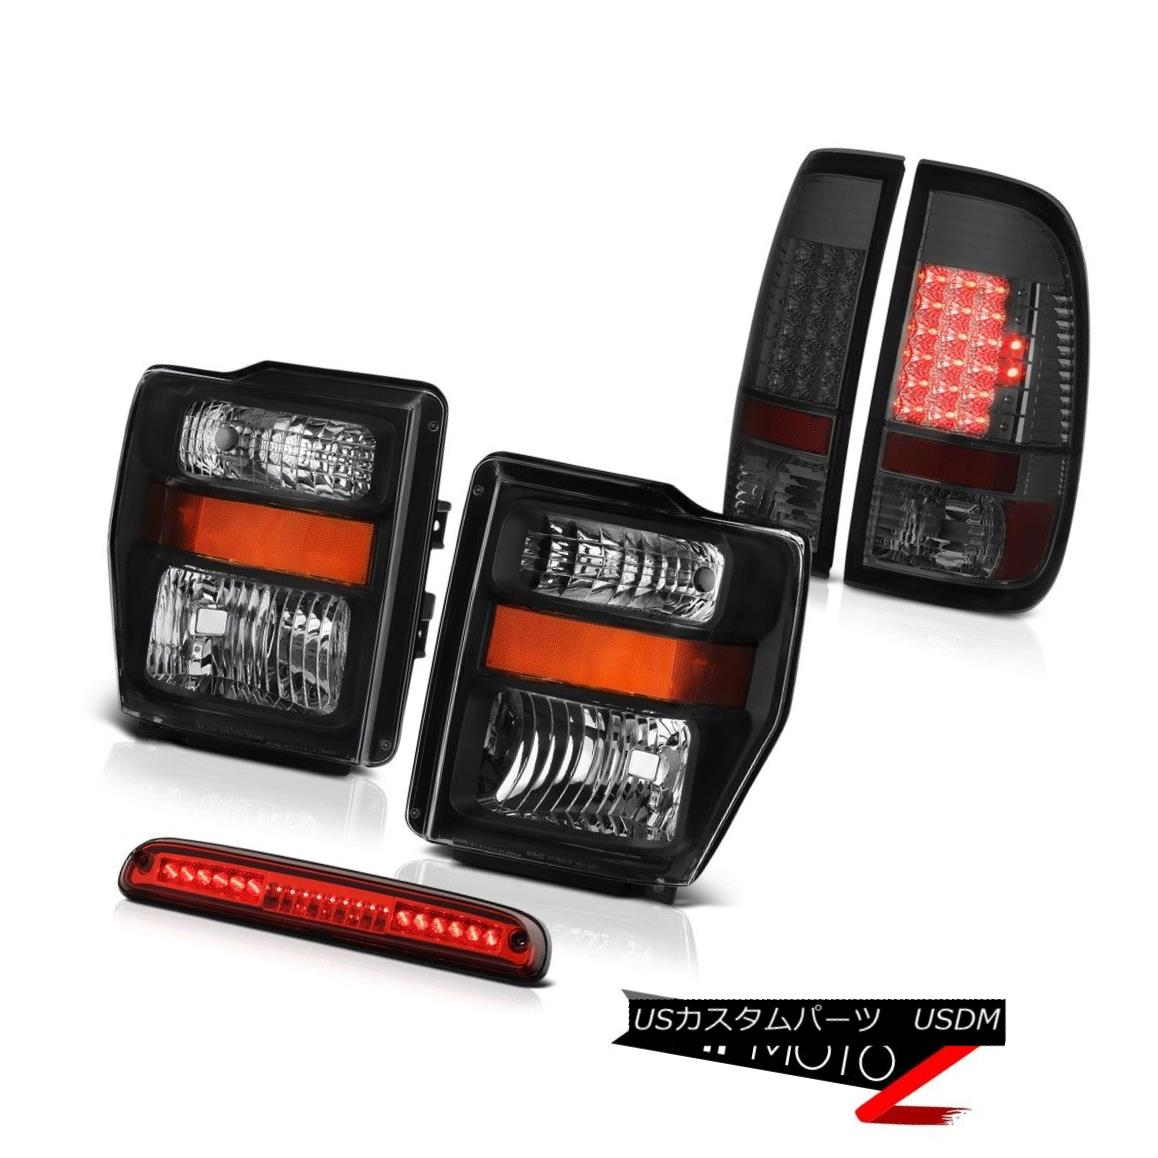 ヘッドライト 08 09 10 F350 Power Stroke V8 Black Headlights LED Bulbs Tail Lights Brake Cargo 08 09 10 F350パワーストロークV8ブラックヘッドライトLED電球テールライトブレーキカーゴ